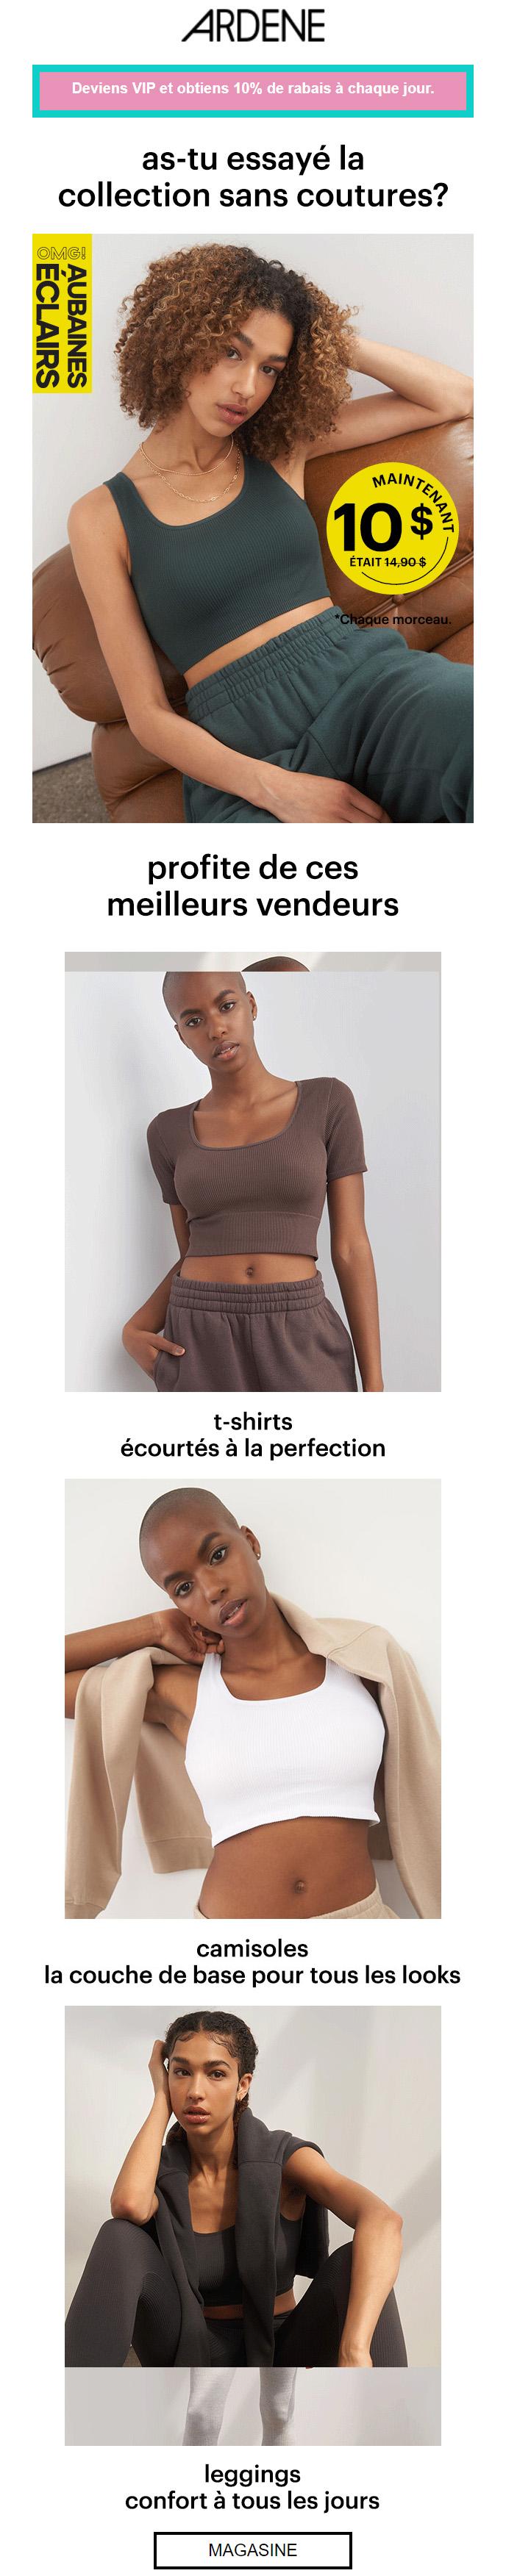 Sans Coutures à 10 $